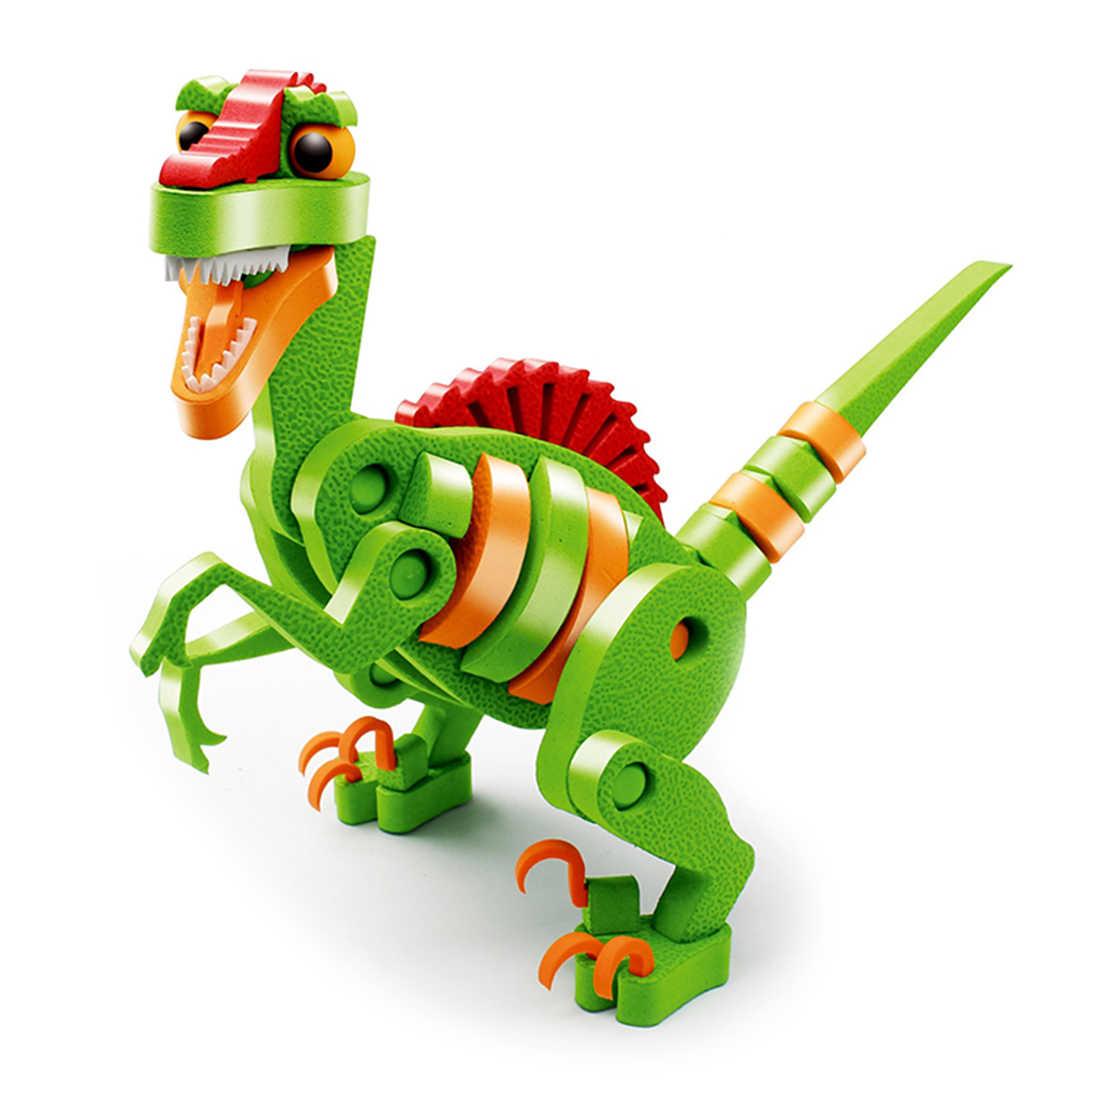 Детские развивающие игрушки EVA 3D динозавр модель интеллектуальная сборка игрушка для ребенка подарок на день рождения